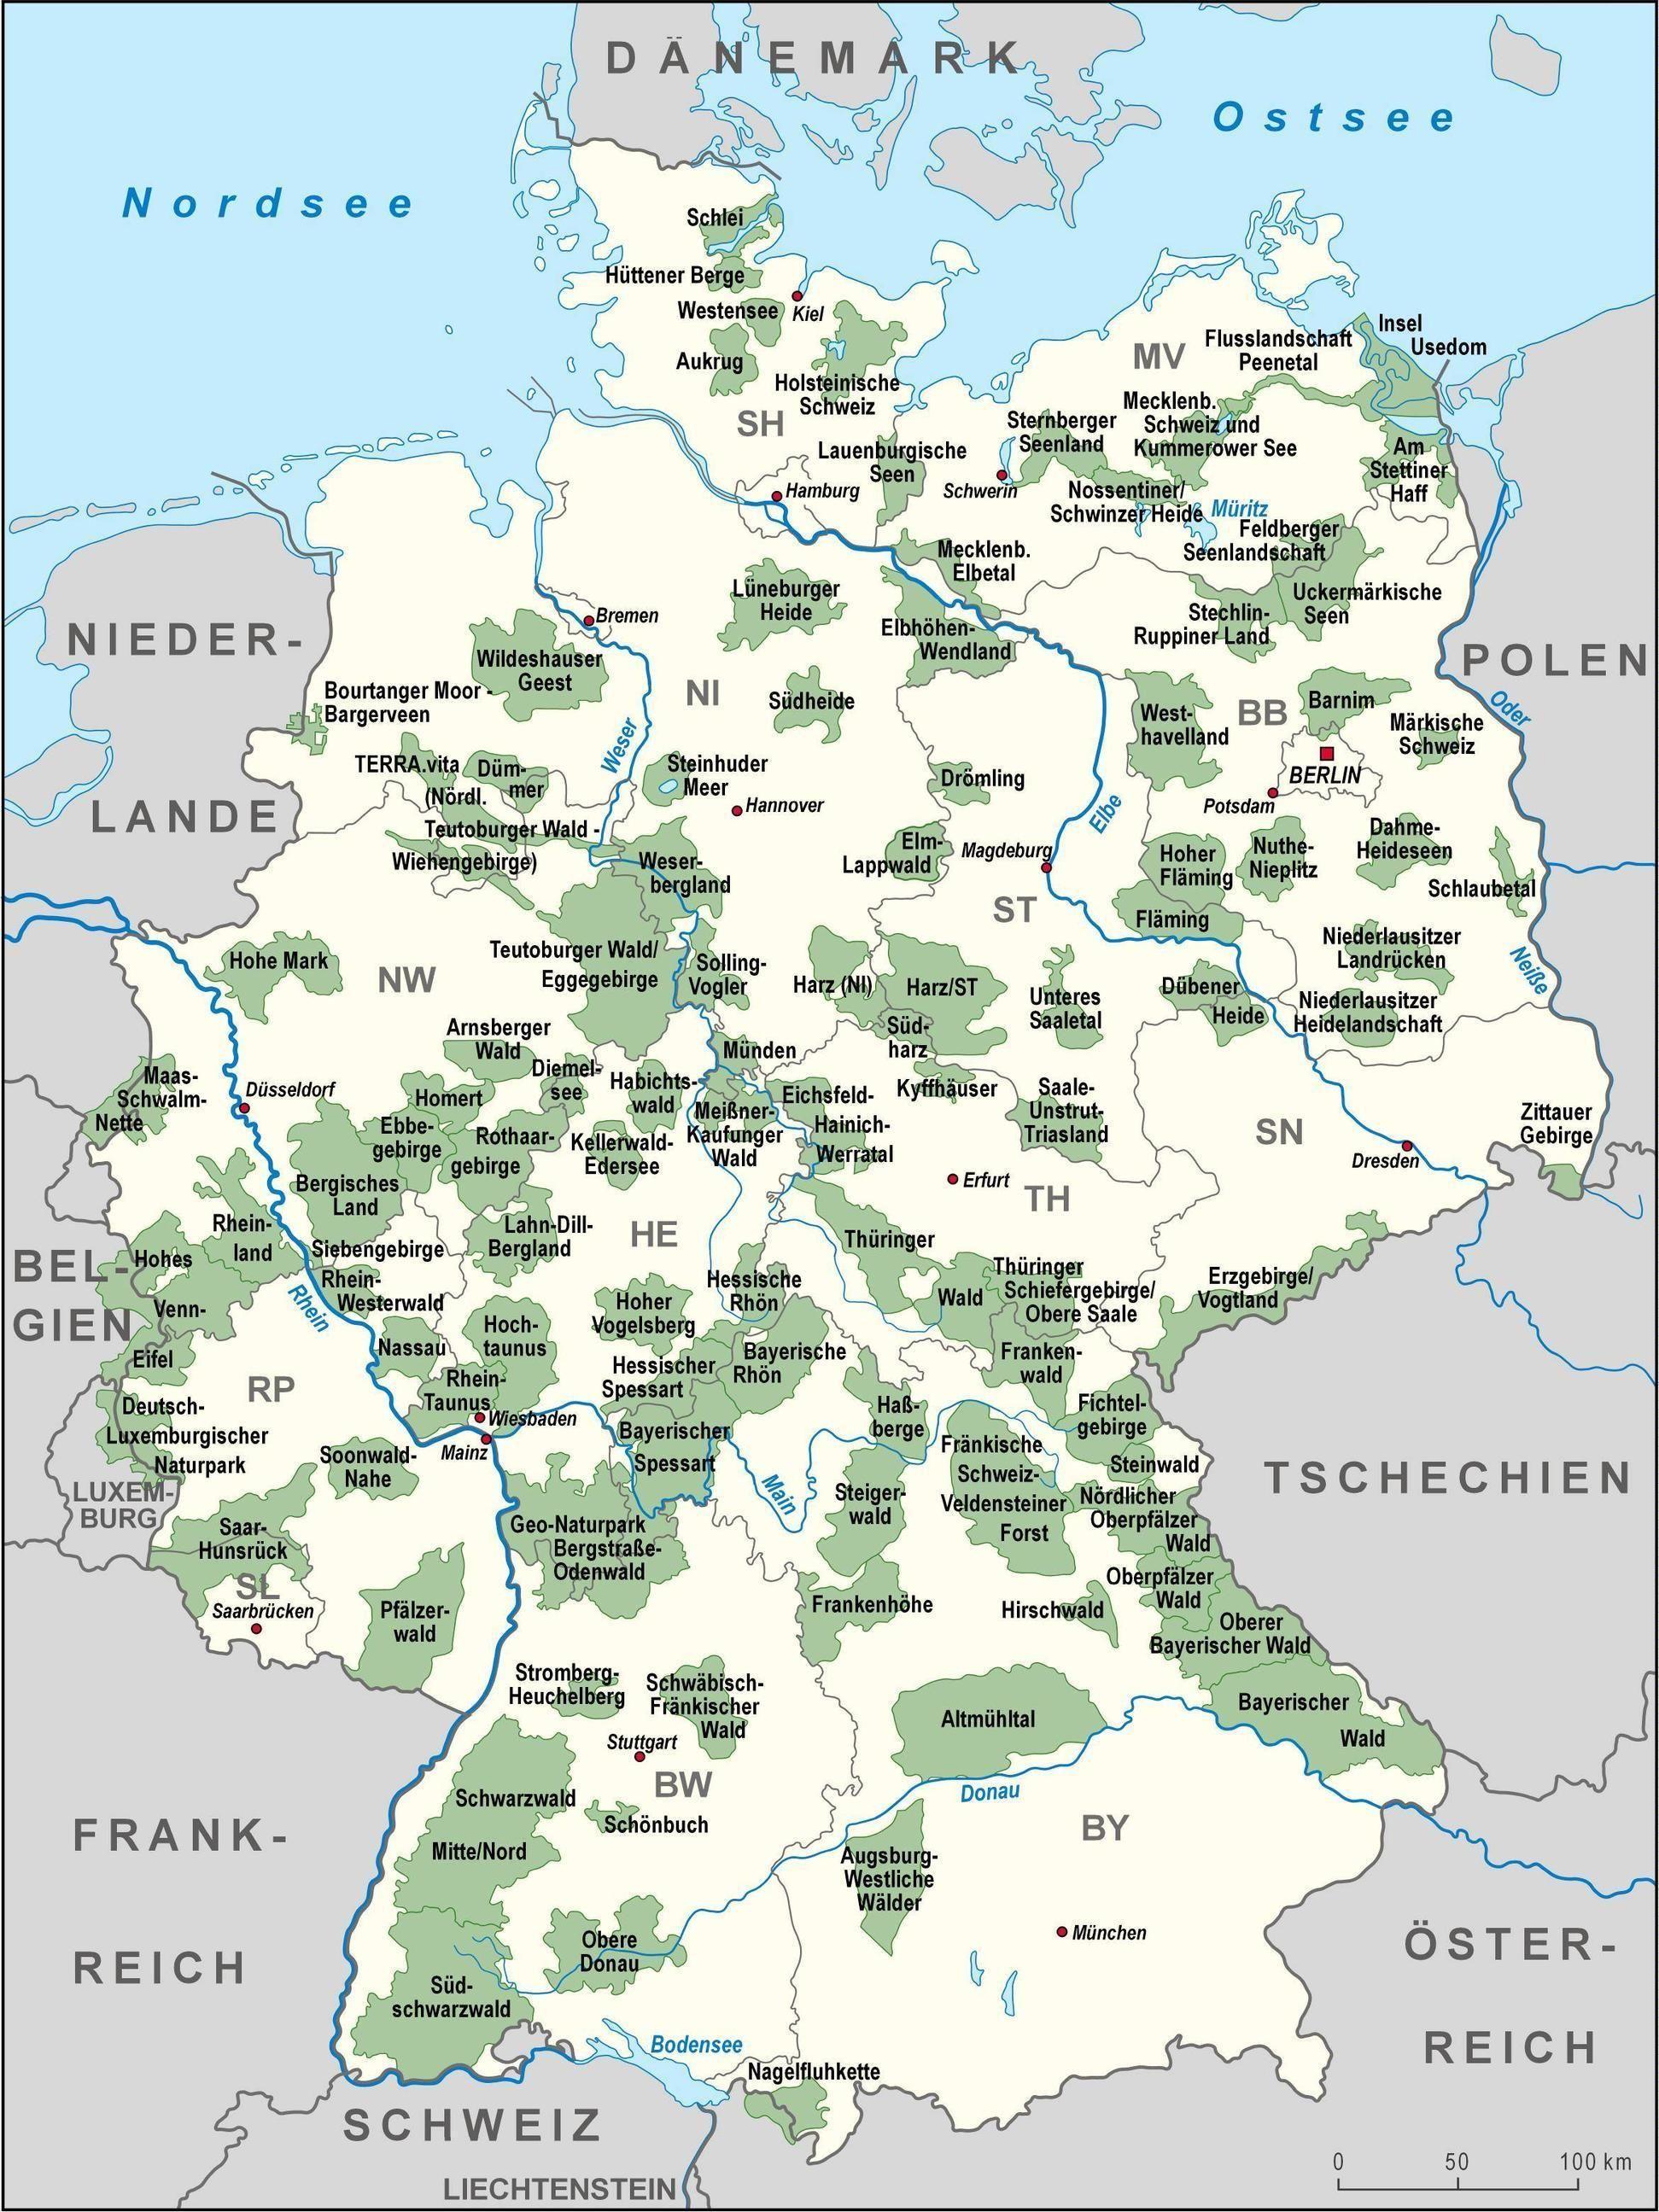 19 Landkarten Die Dir Eine Komplett Neue Sicht Auf Deutschland